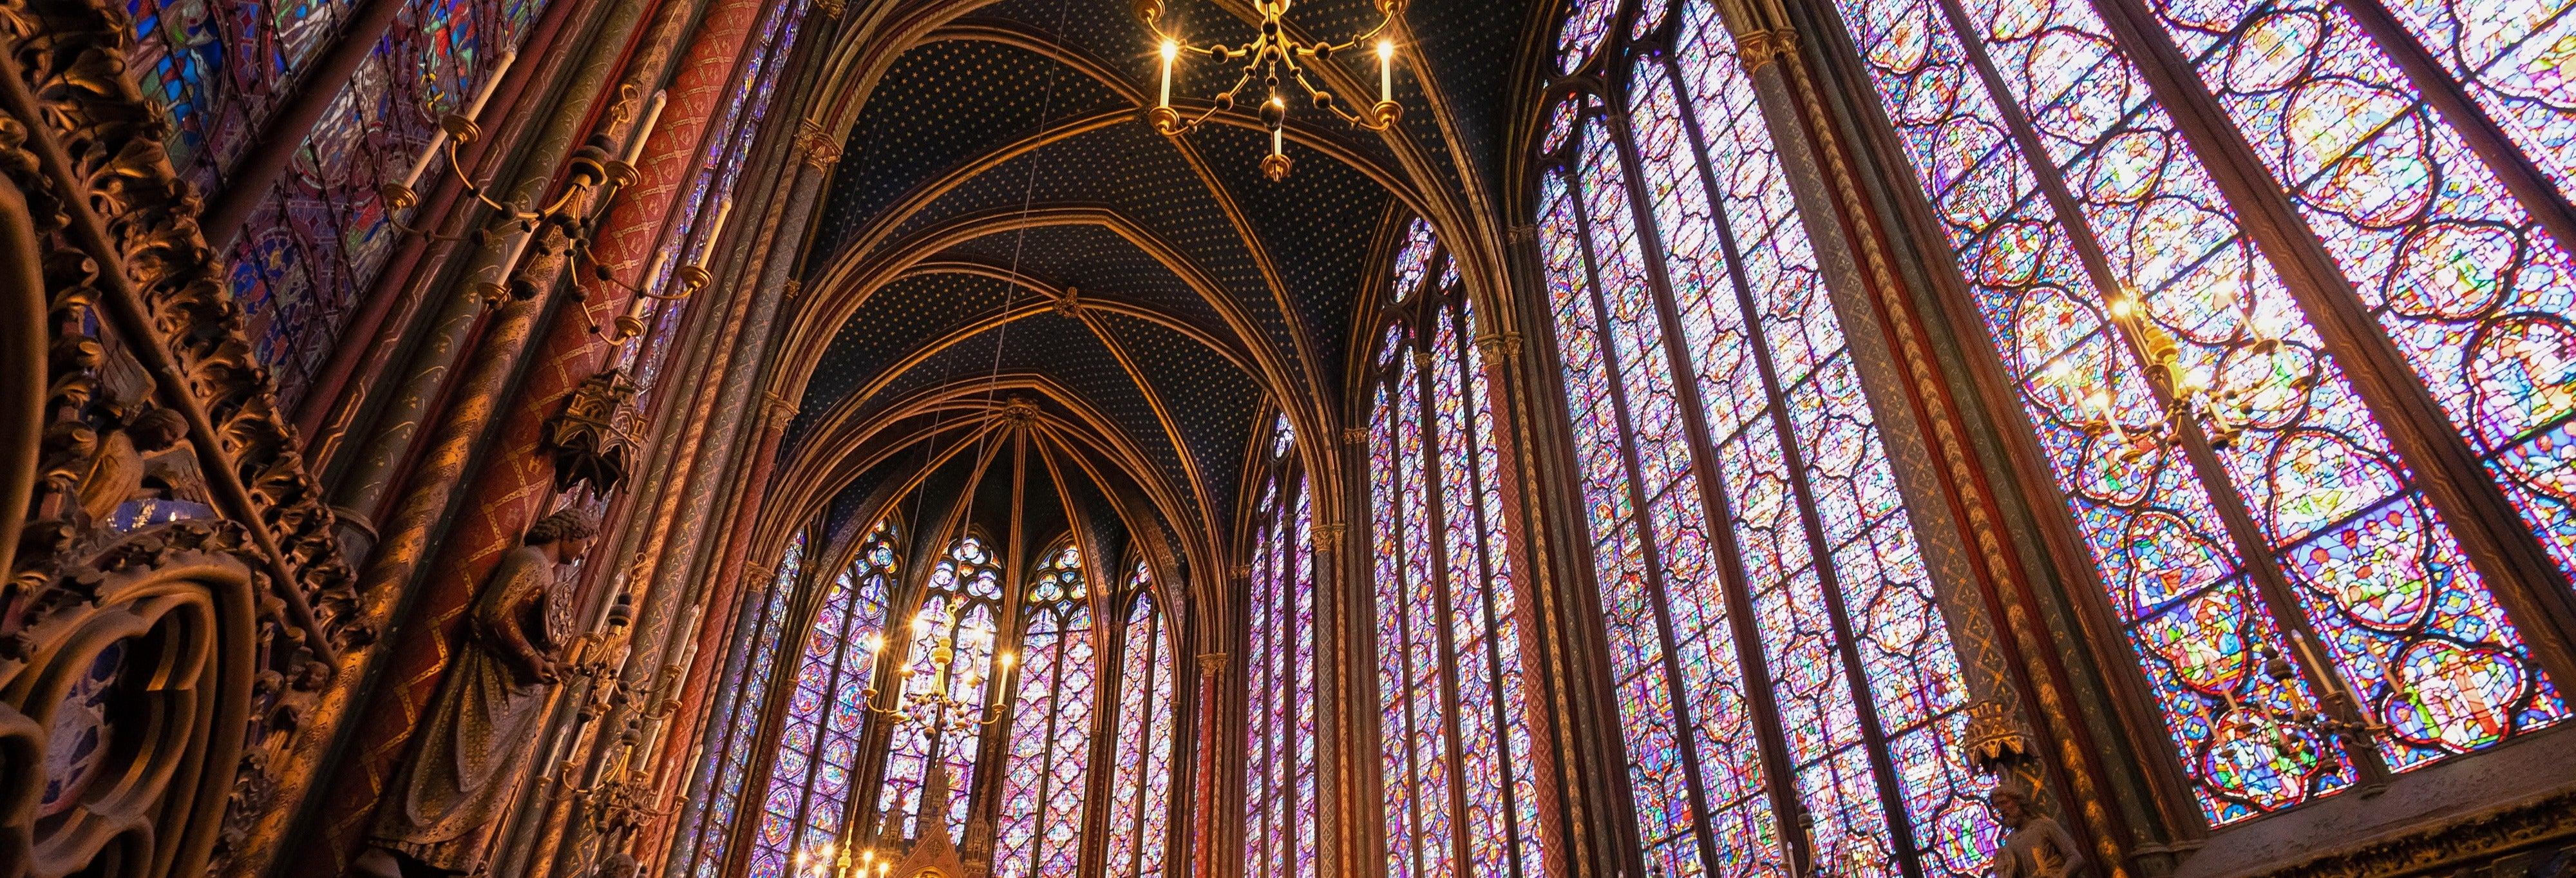 Biglietti salta file per la Conciergerie e la Sainte Chapelle